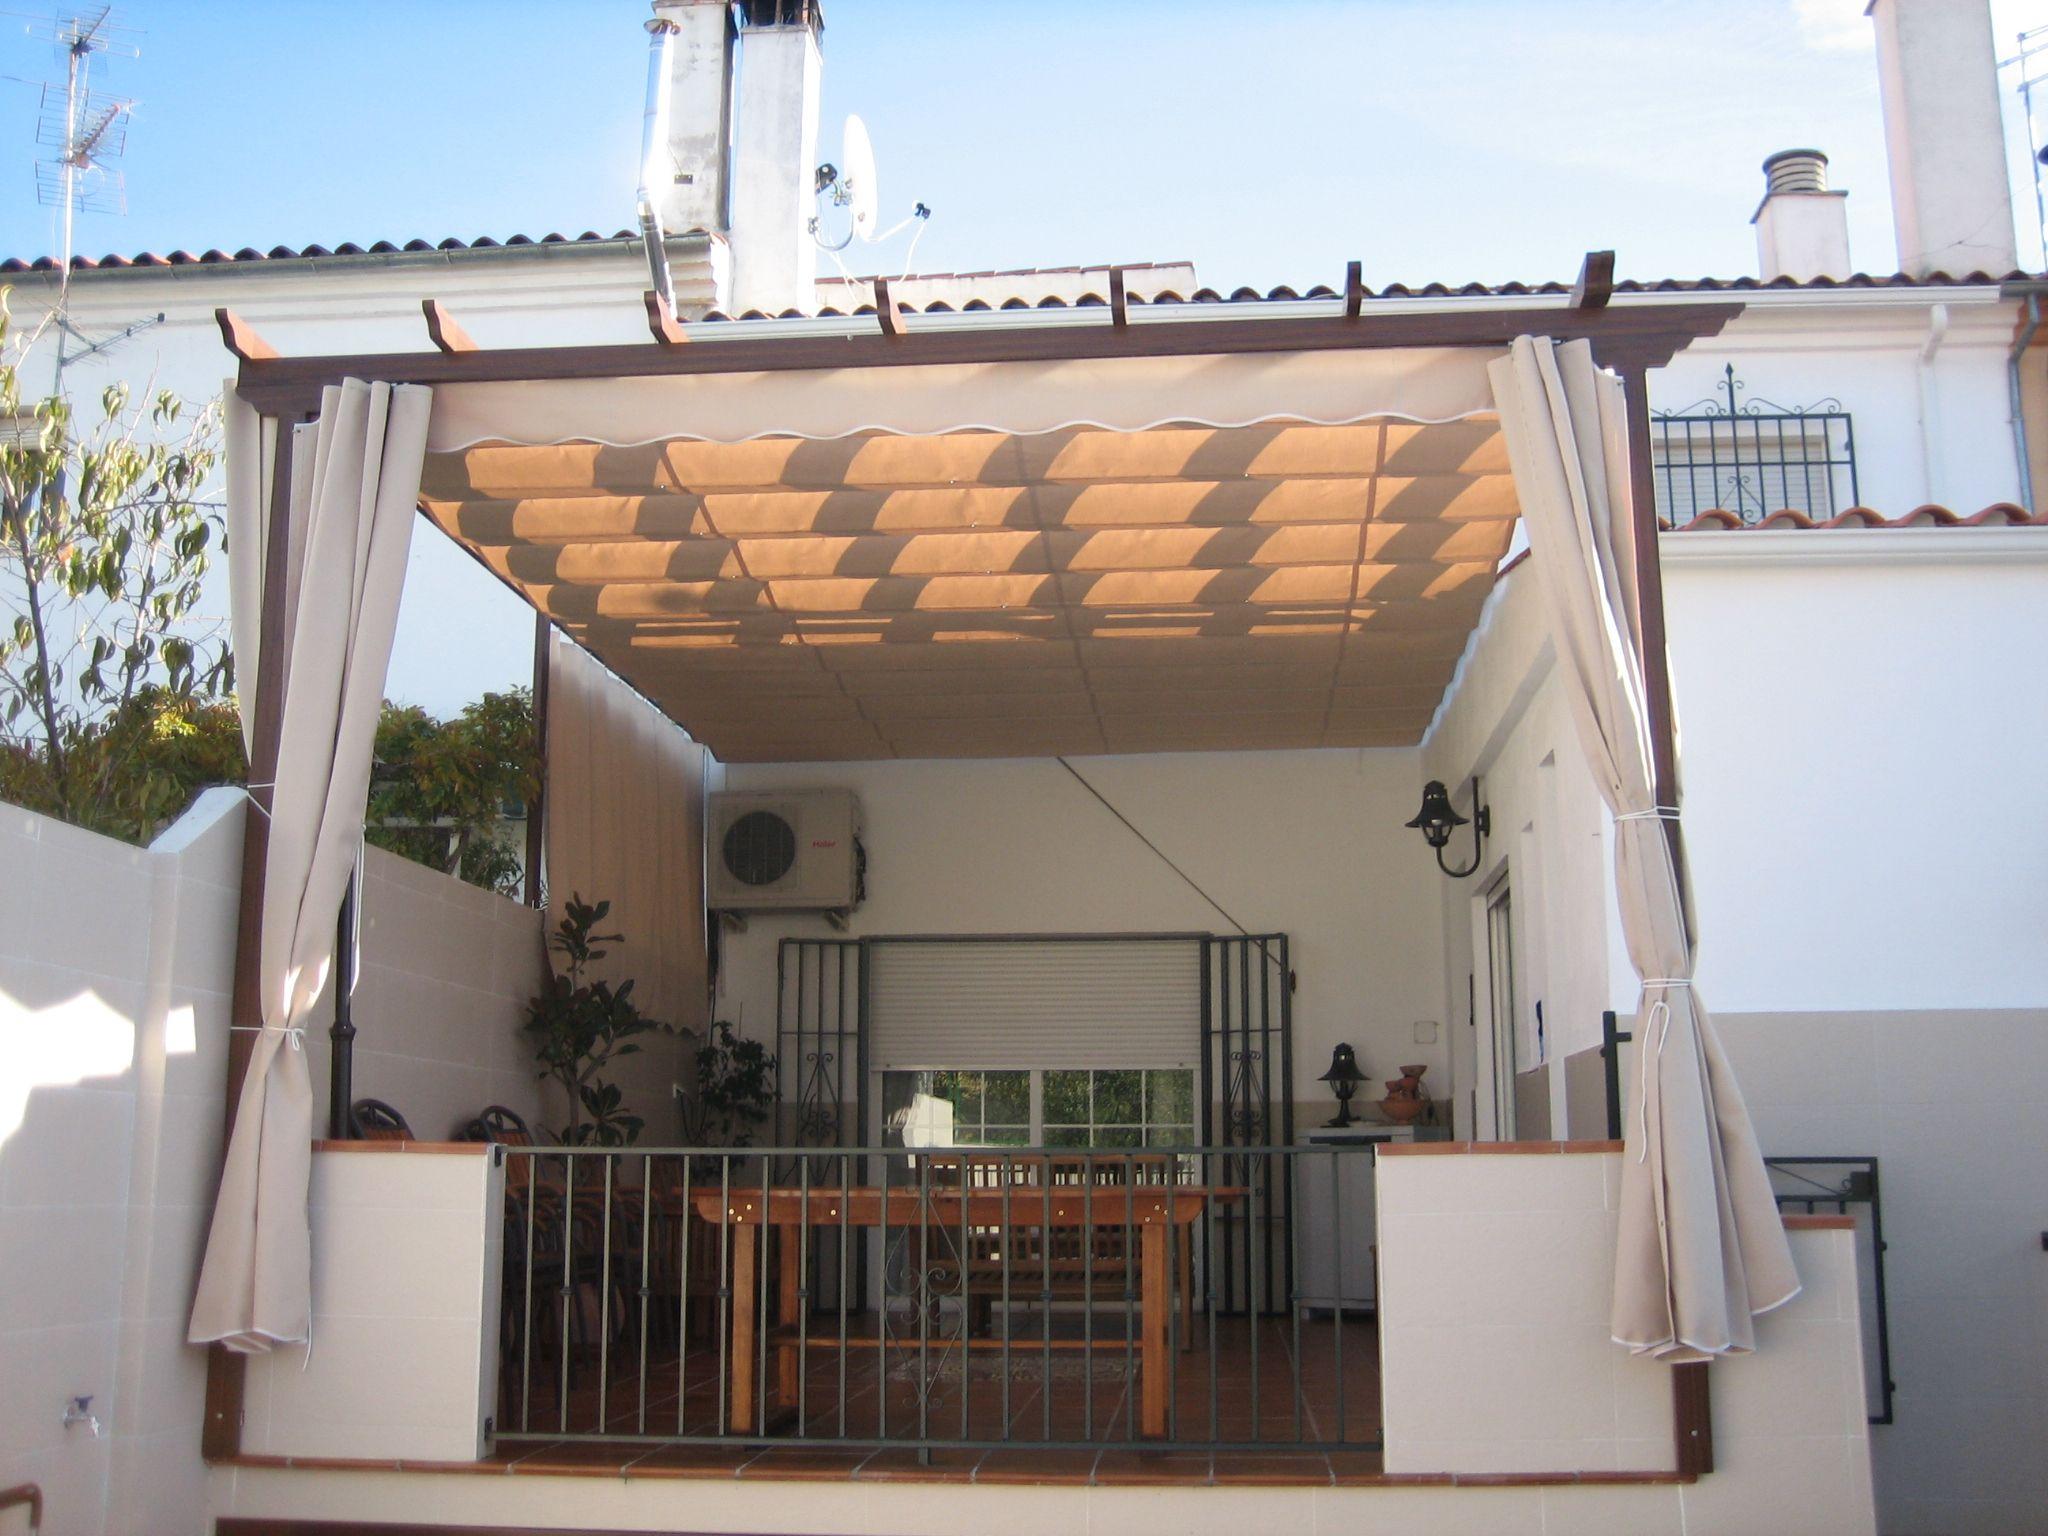 Cubrimiento de terraza con toldo